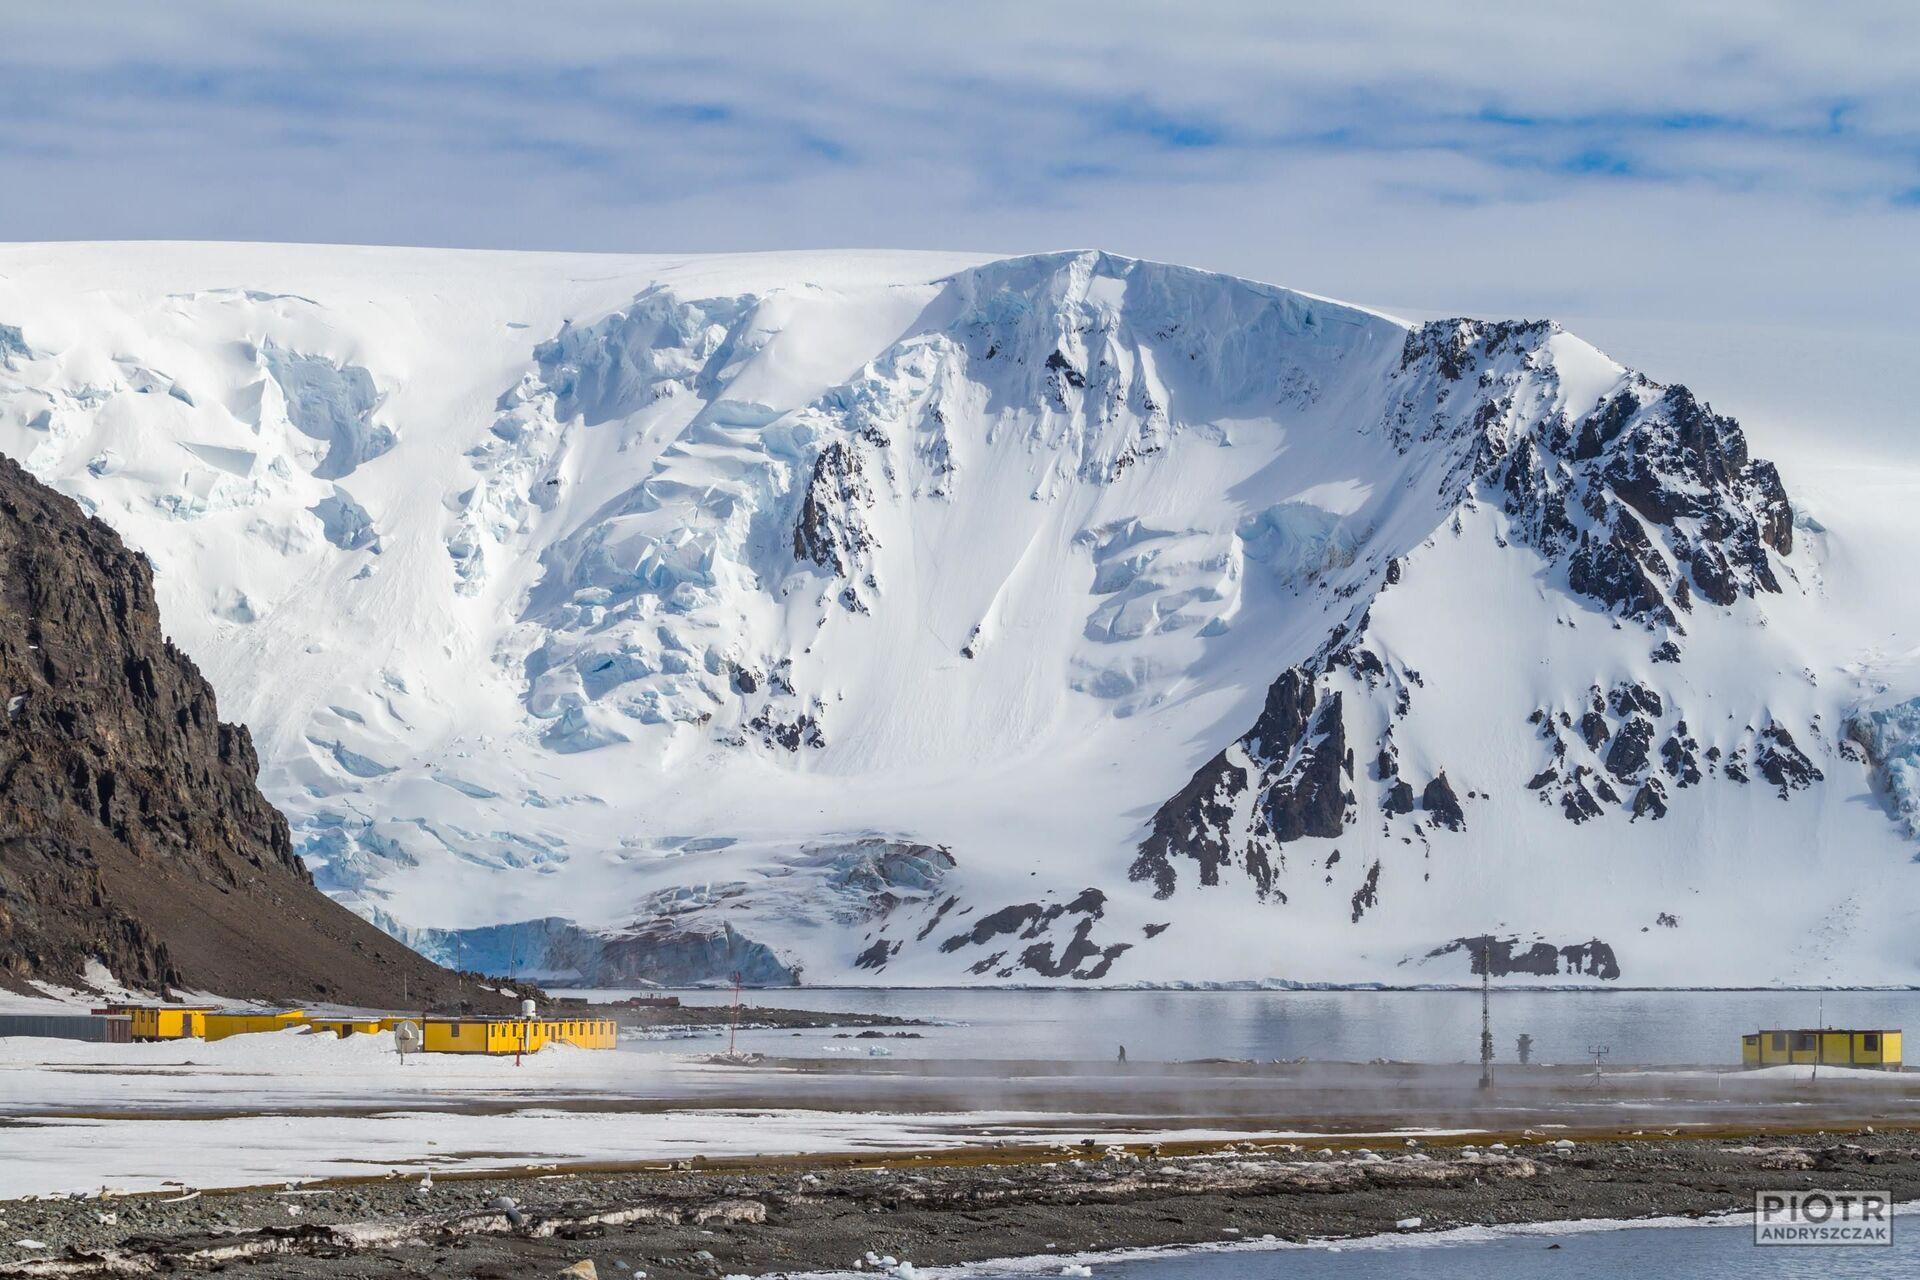 Polska superinwestycja na Antarktydzie: 23 miliony dolarów na nową stację - Sputnik Polska, 1920, 05.02.2021